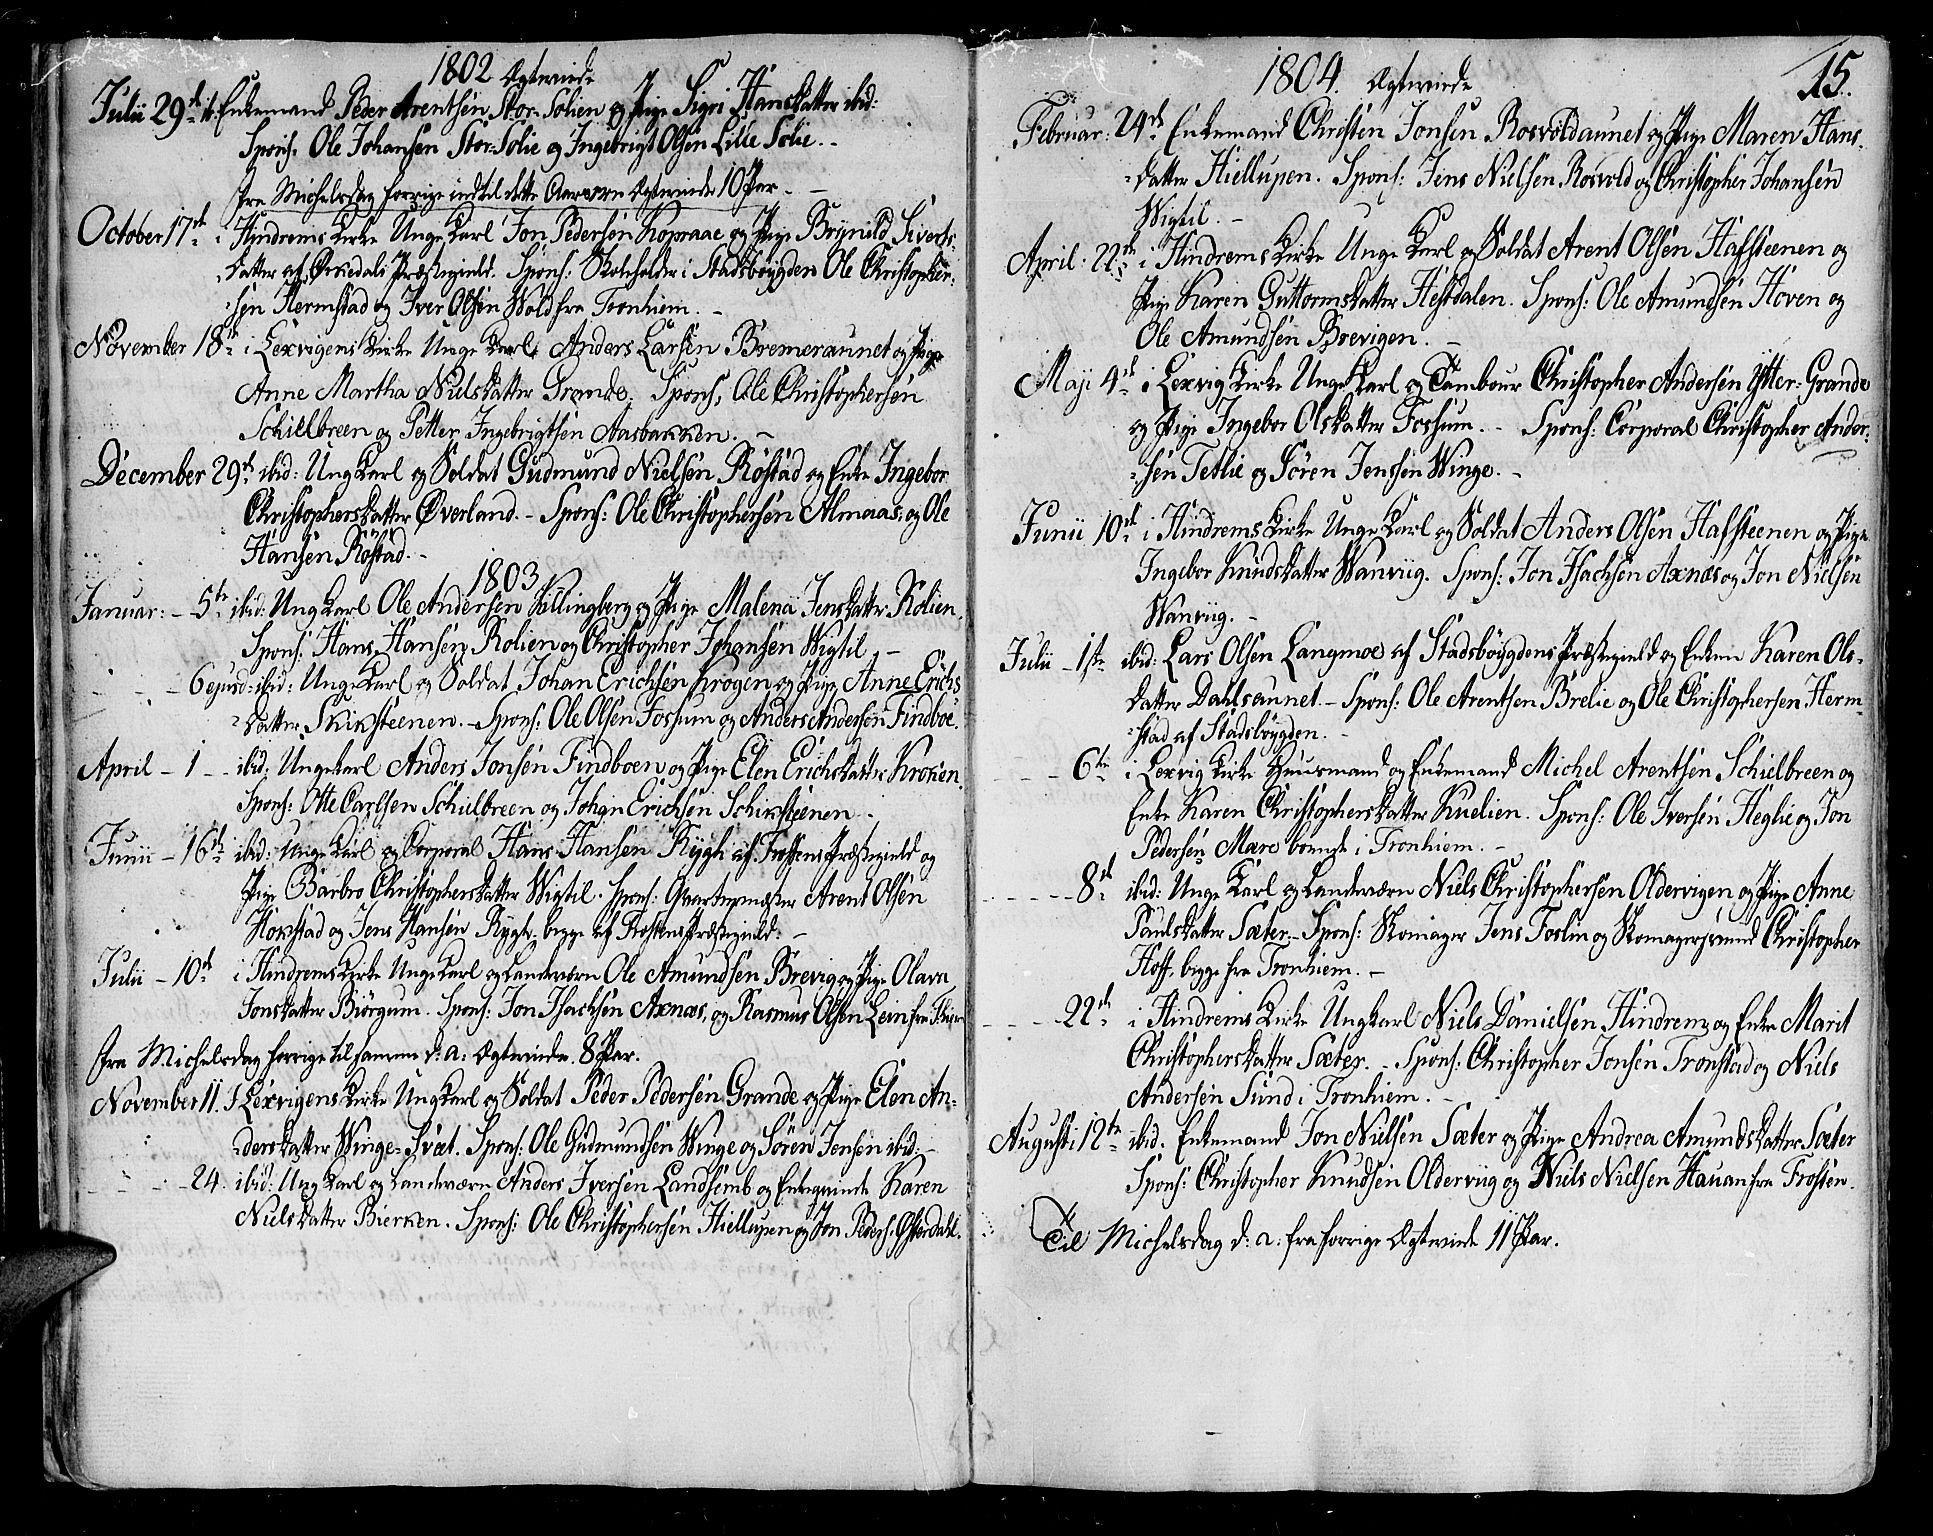 SAT, Ministerialprotokoller, klokkerbøker og fødselsregistre - Nord-Trøndelag, 701/L0004: Ministerialbok nr. 701A04, 1783-1816, s. 15